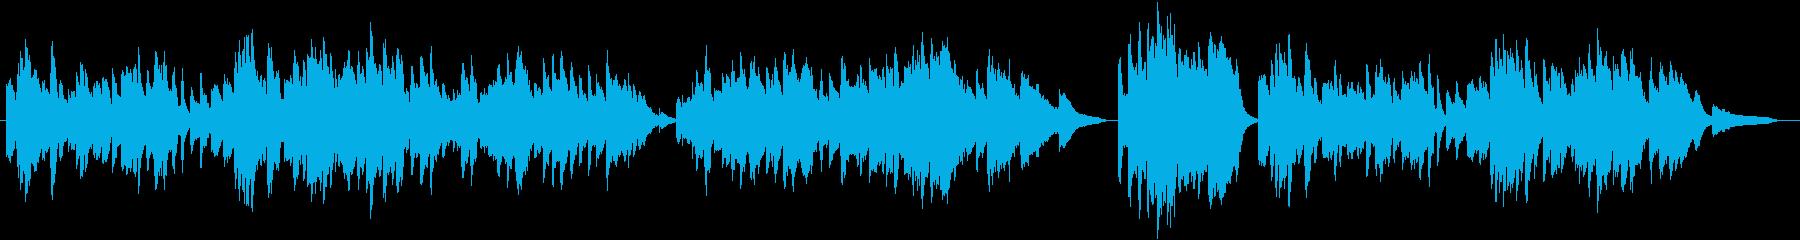 並木道を歩いているピアノソロの再生済みの波形